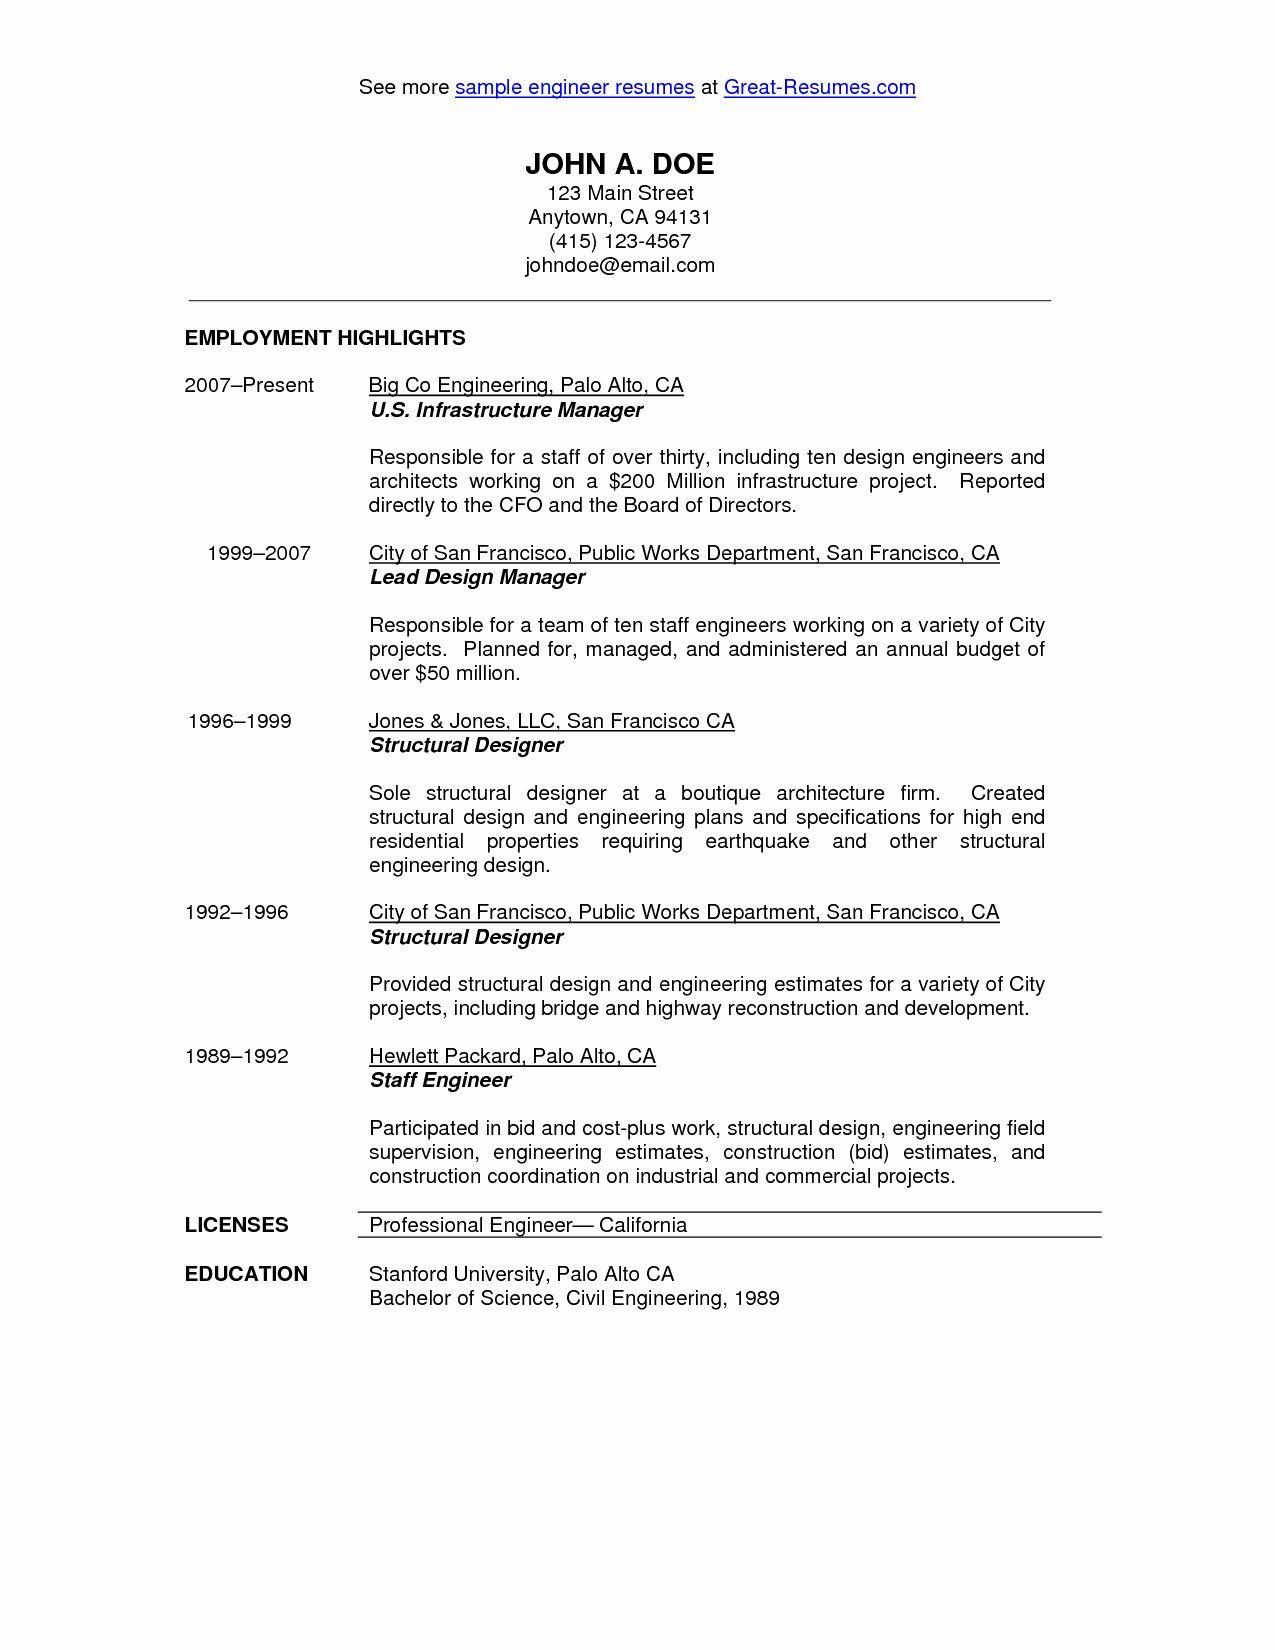 30 Civil Engineer Resume Sample in 2020 Civil engineer